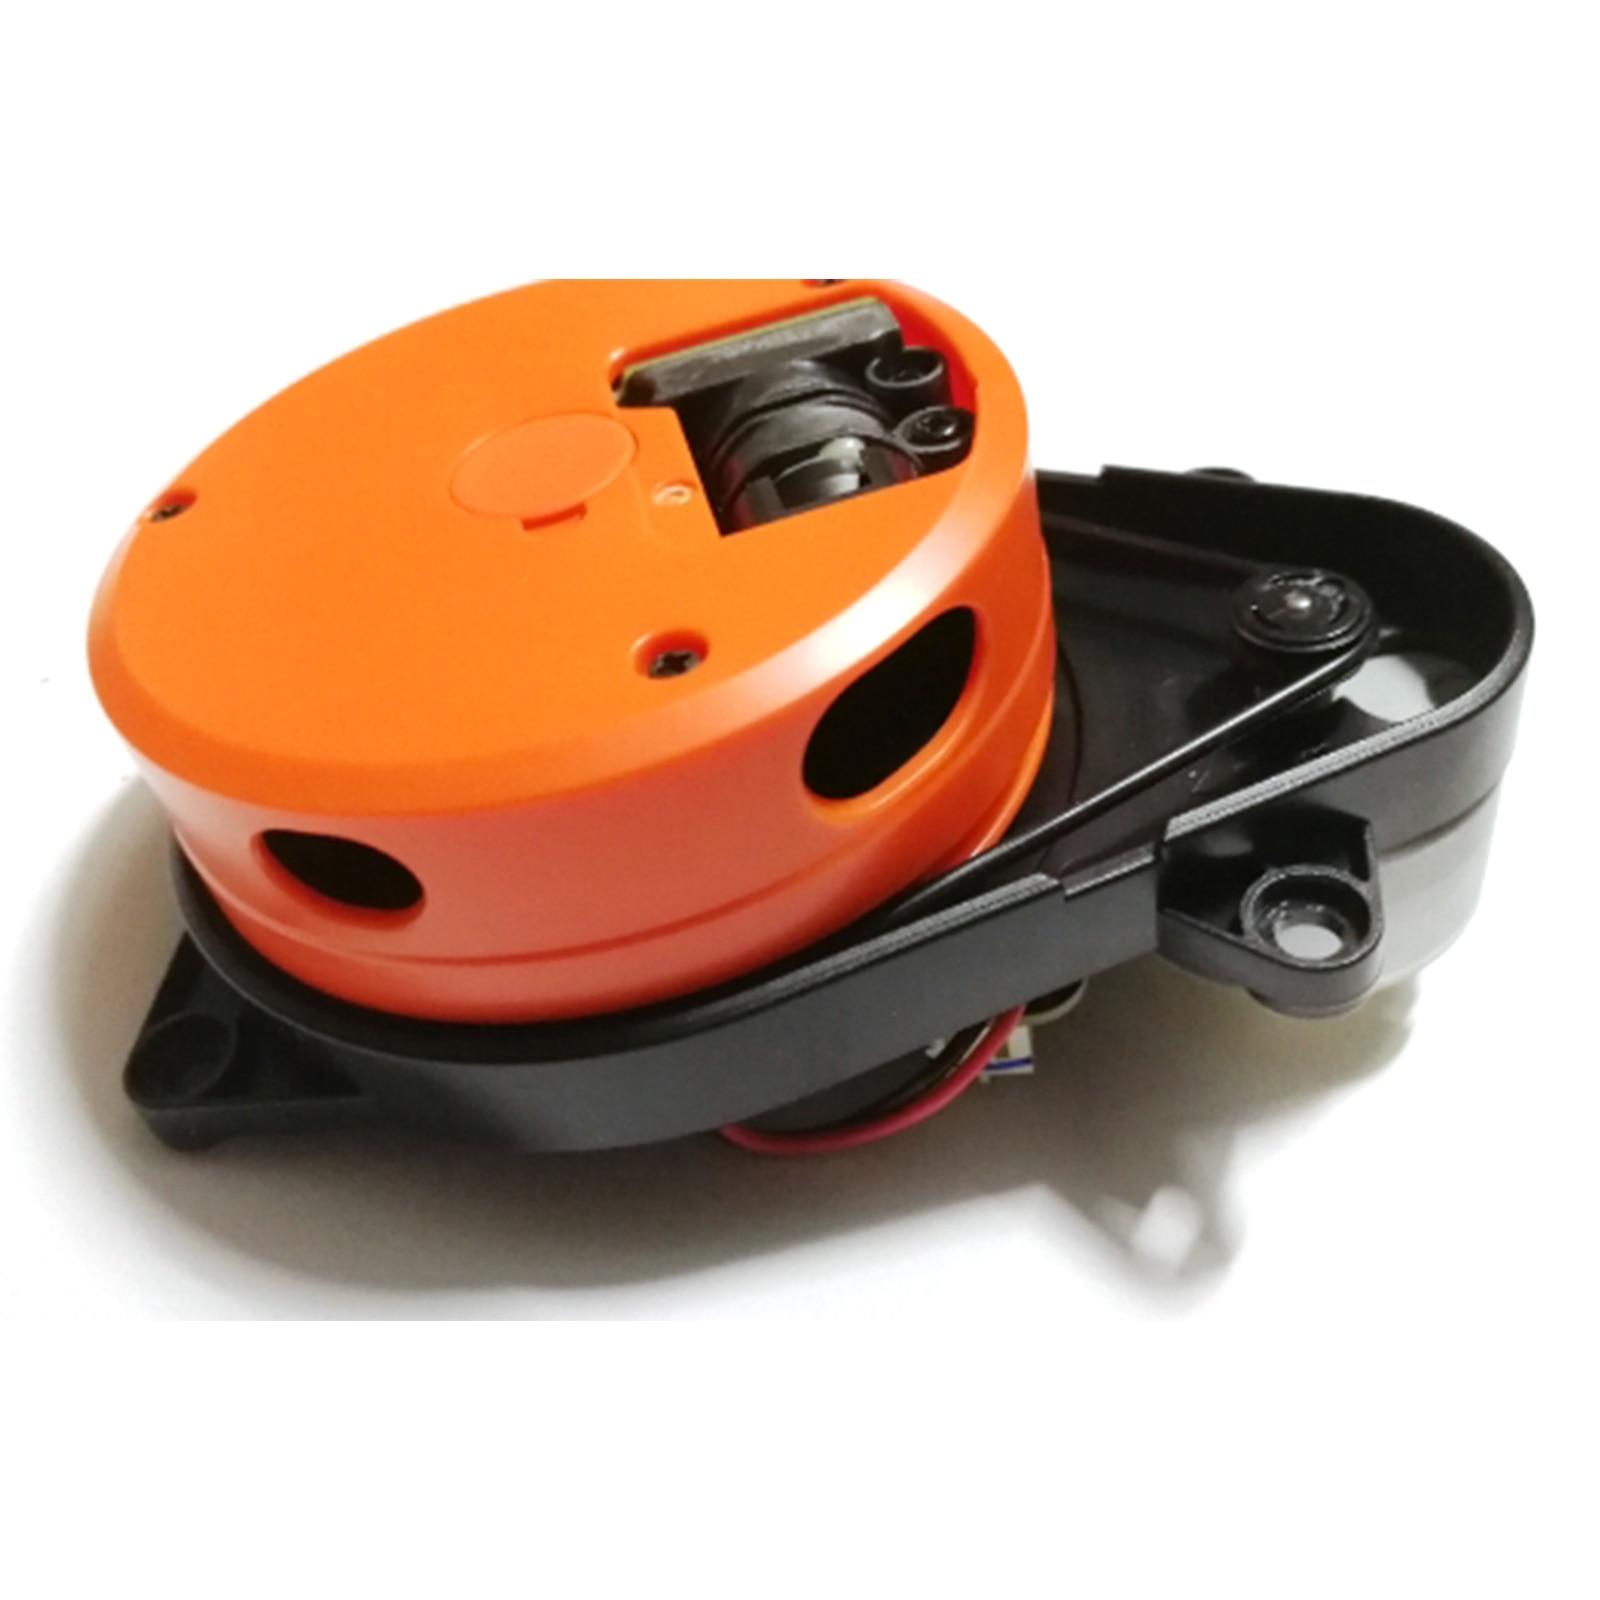 Profissional robô aspirador de pó lds sensor cabeça do laser para xiaomi varrendo esfregar robô aspirador de pó styj02ym peças reposição - 2